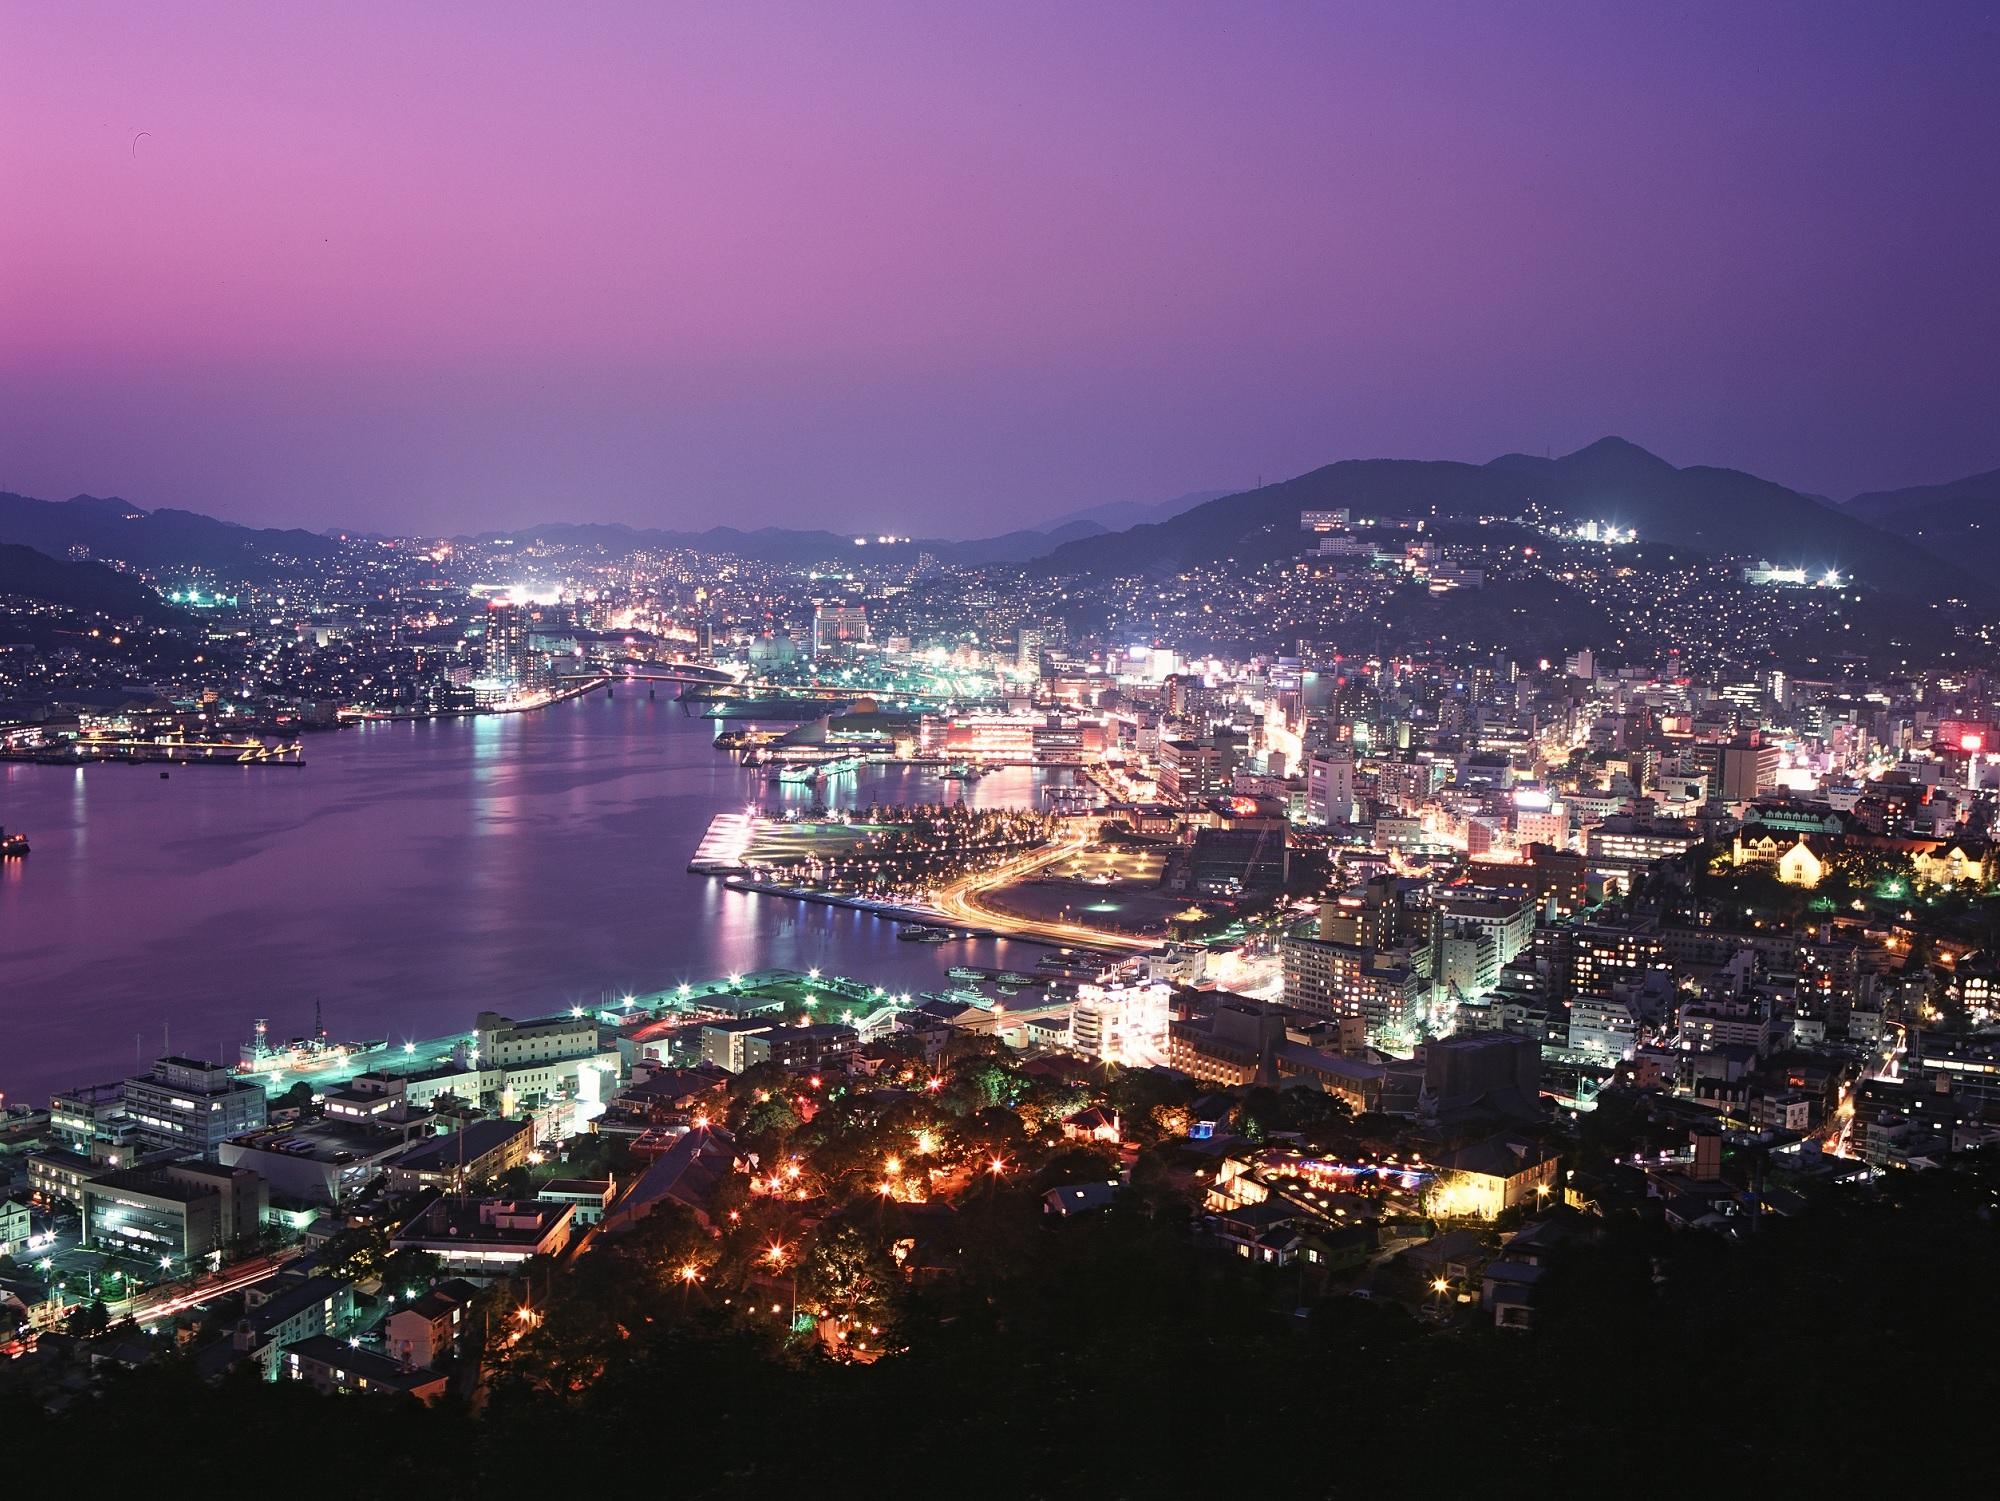 Viajando com um sobrevivente de Nagasaki